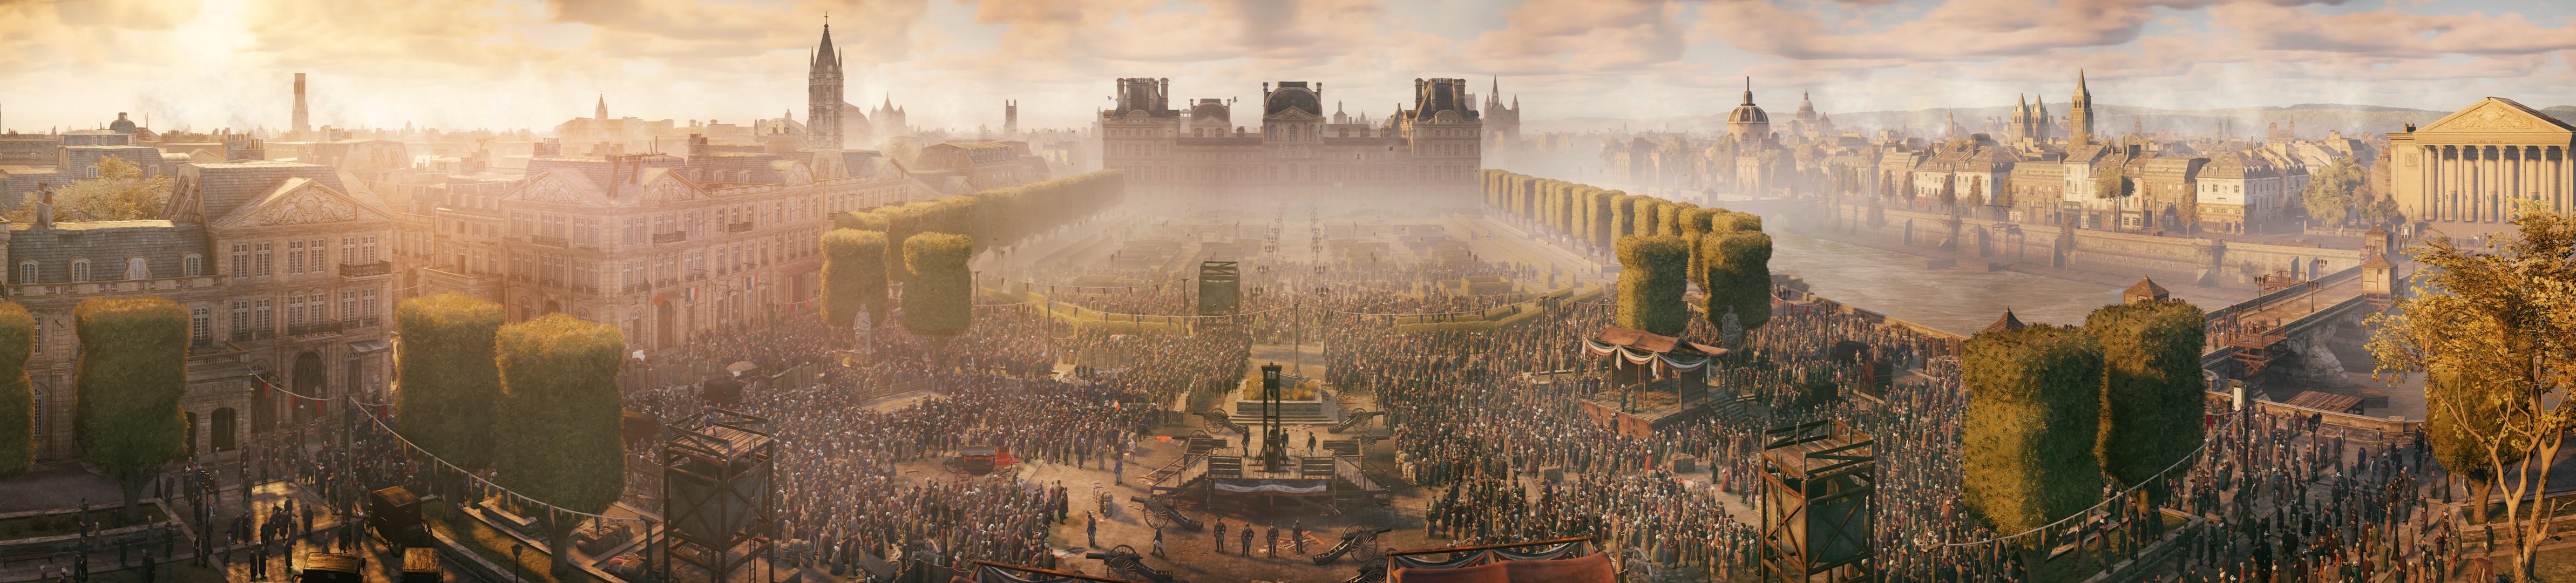 Assassin's Creed: Unity v příběhovém traileru 101180